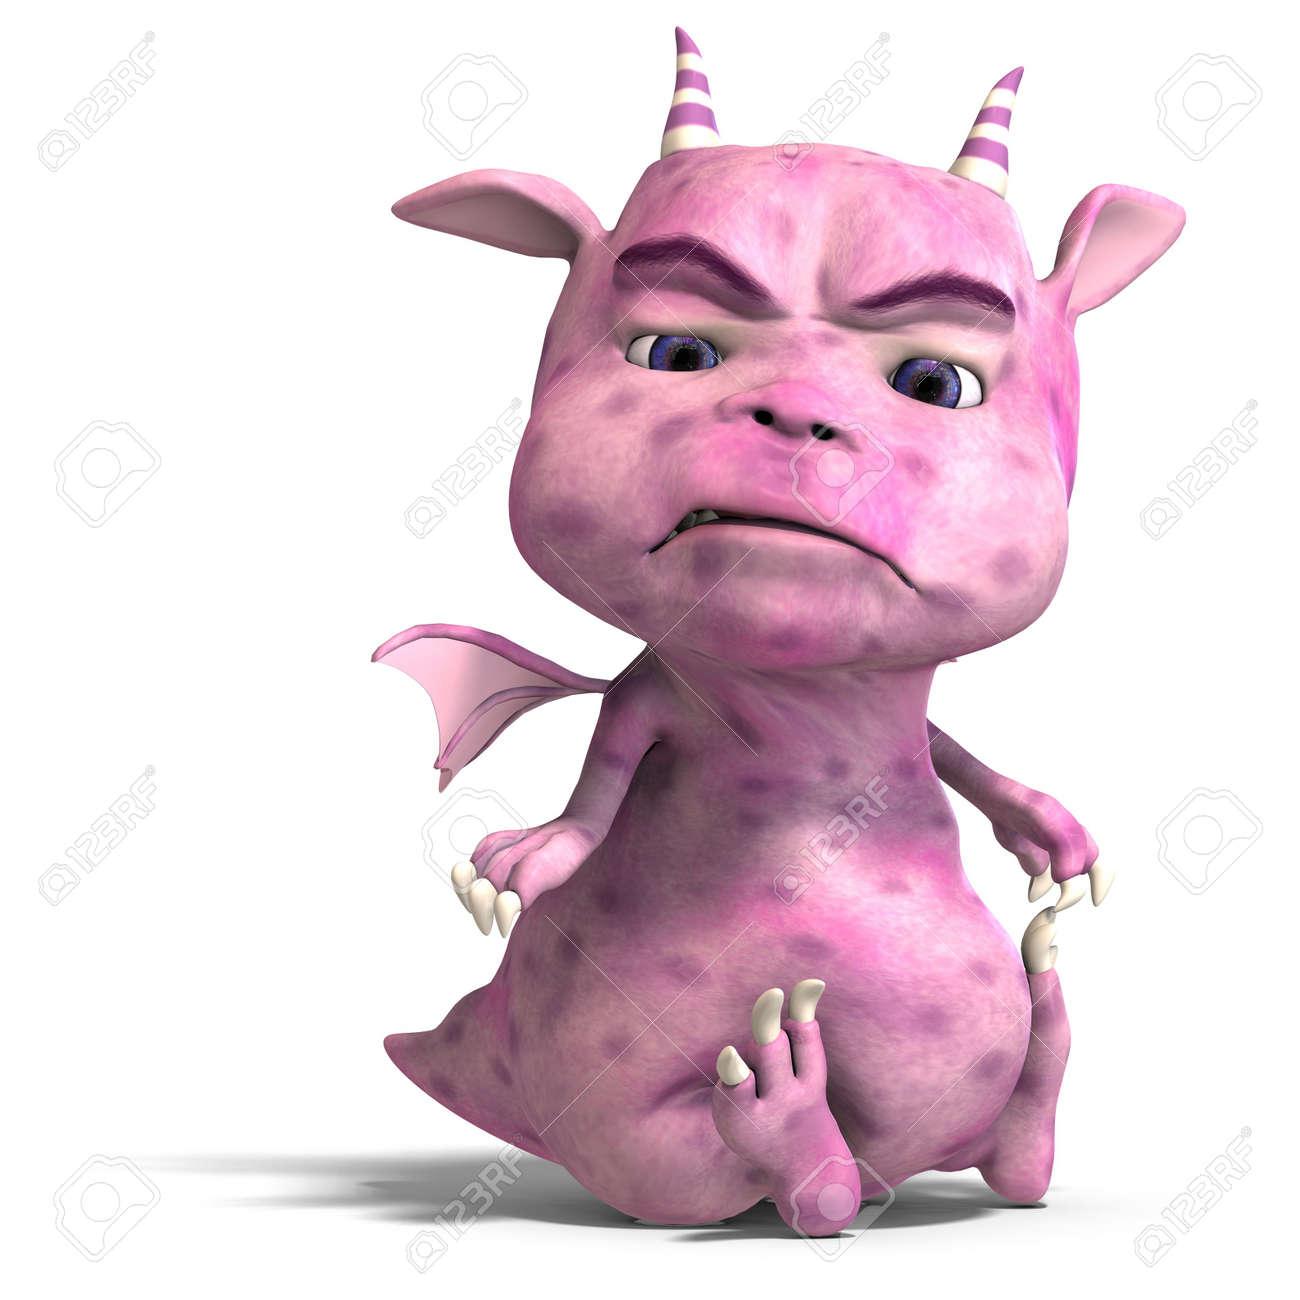 Banque d'images - Rendu 3D d'un peu plus <b>rose mignon</b> toon dragon diable - 5573918-Rendu-3D-d-un-peu-plus-rose-mignon-toon-dragon-diable-Banque-d%27images